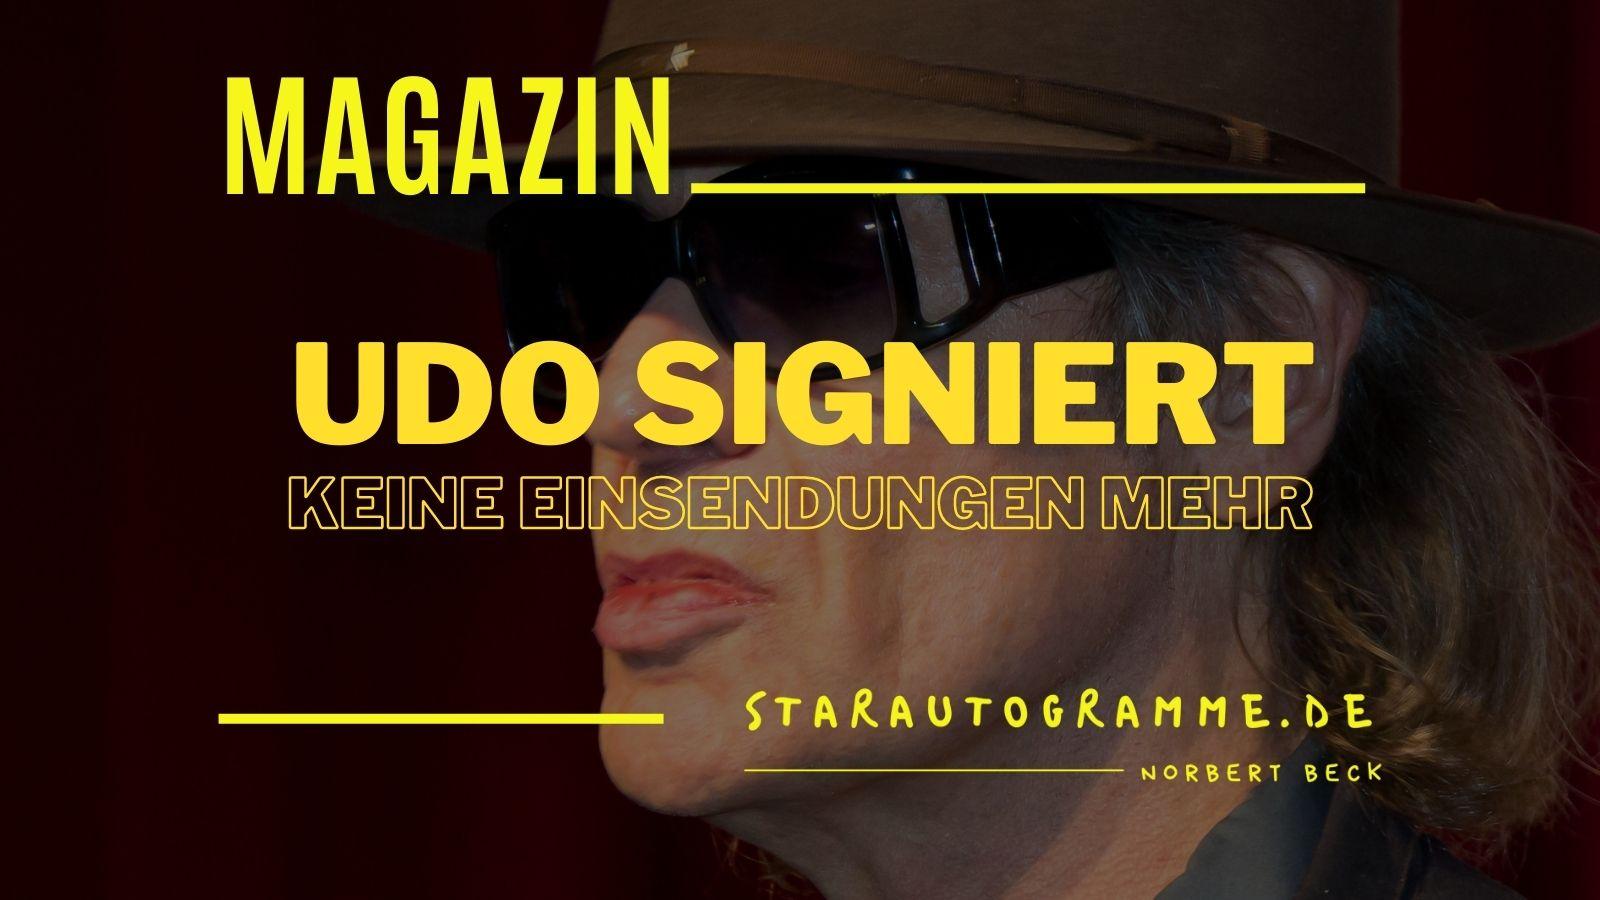 Read more about the article Udo signiert keine Einsendungen mehr